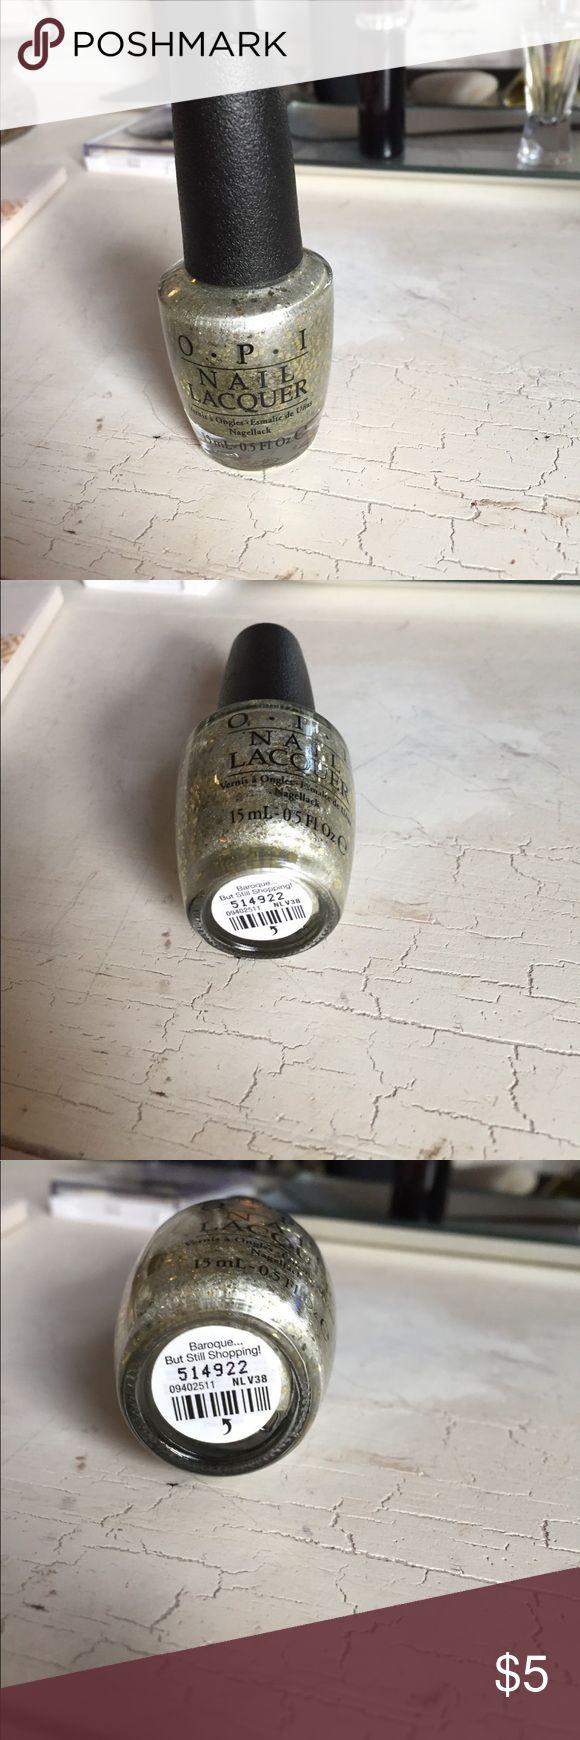 OPI Nail Lacquer OPI Nail Polish💅🏻Baroque...But Still Shopping! New not used OPI Makeup